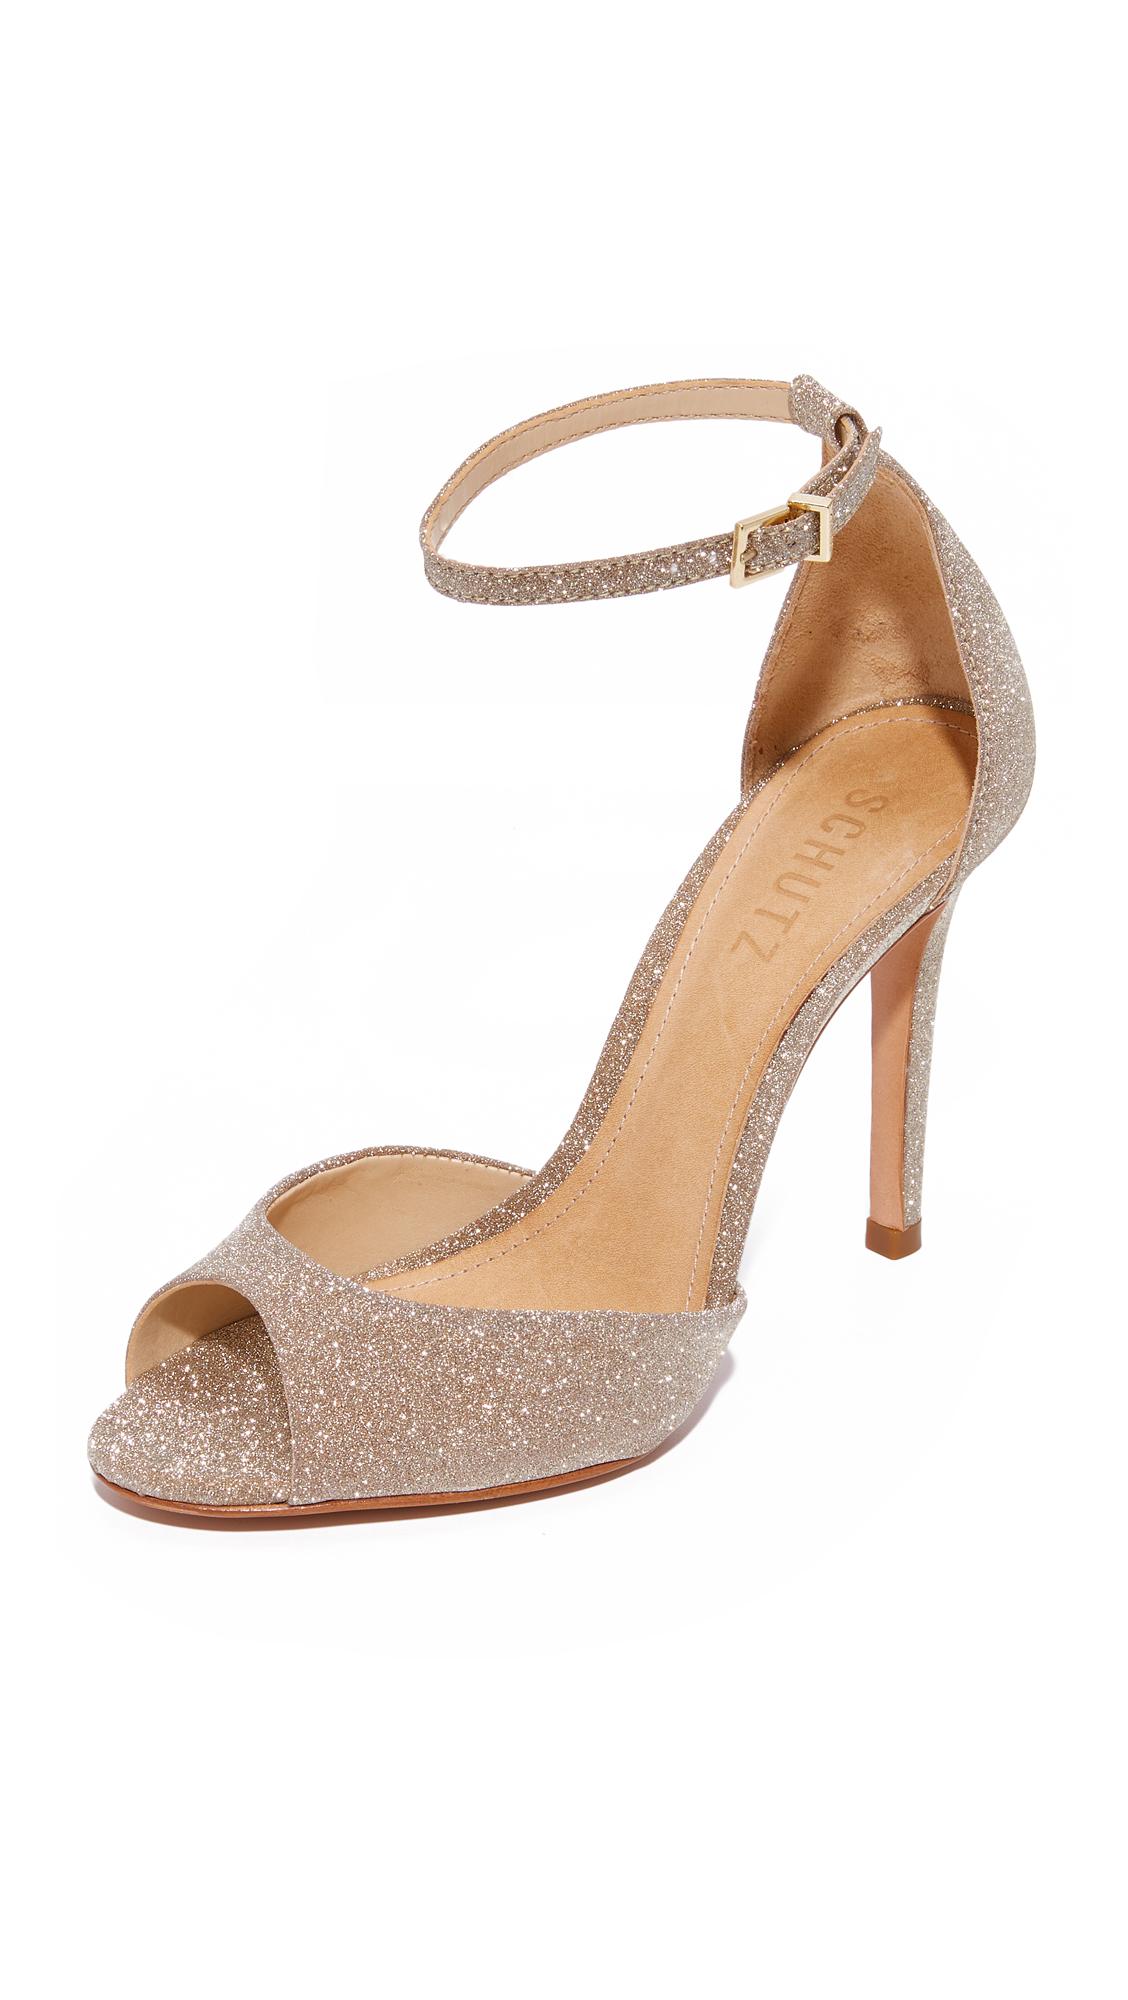 Schutz Sasha Lee Ankle Strap Heels - Ouro